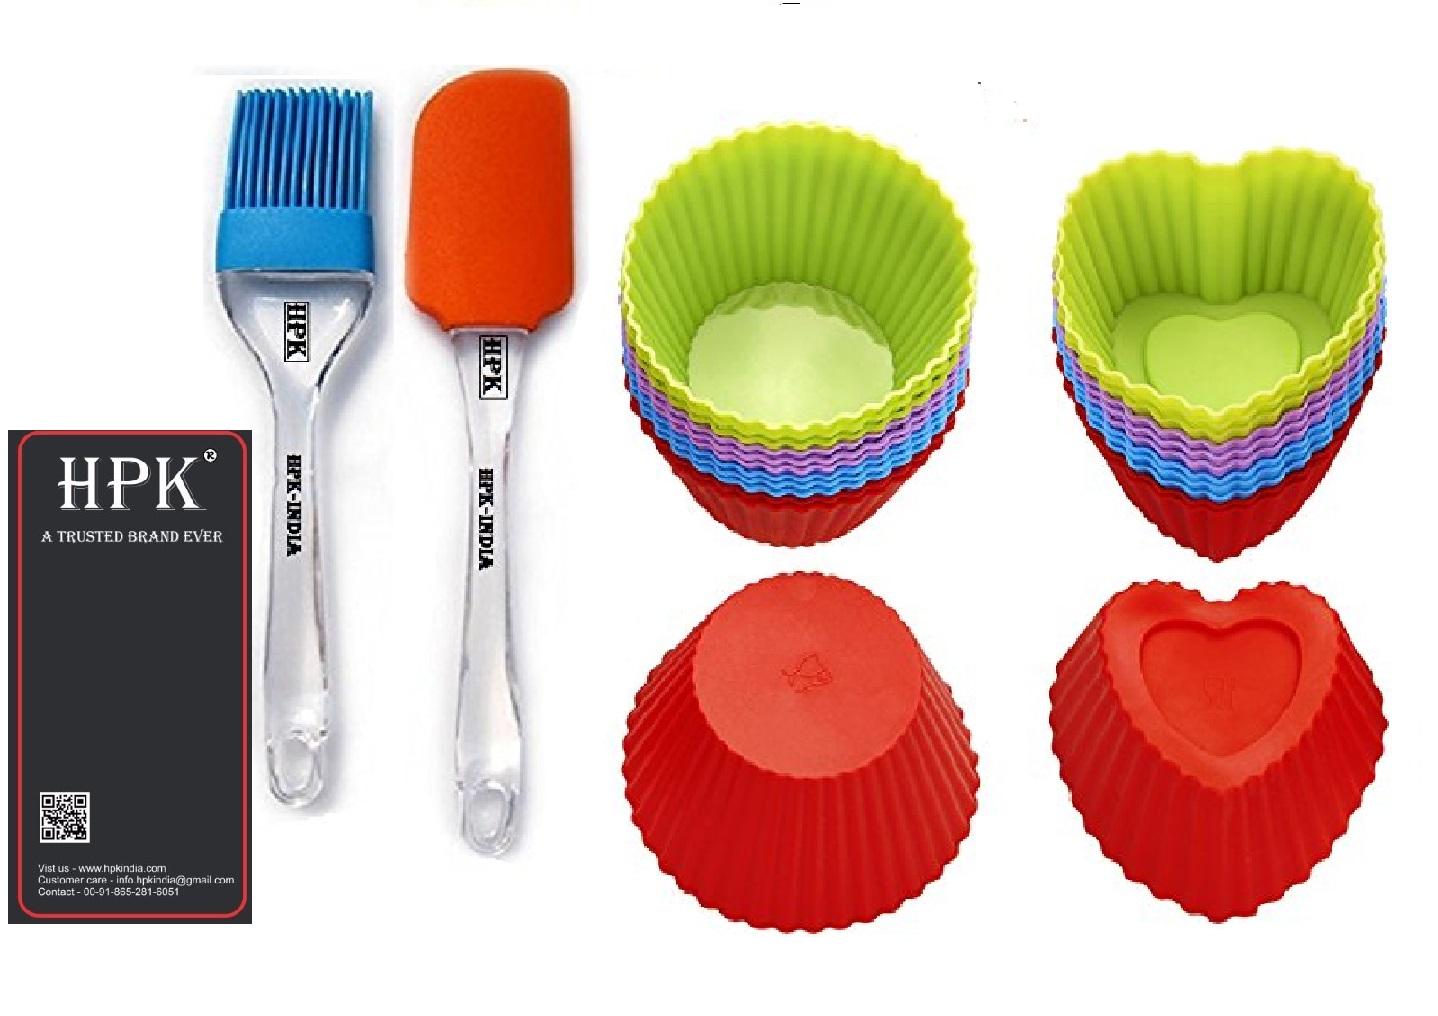 hpk-brsu spatula- heart round  molds Set